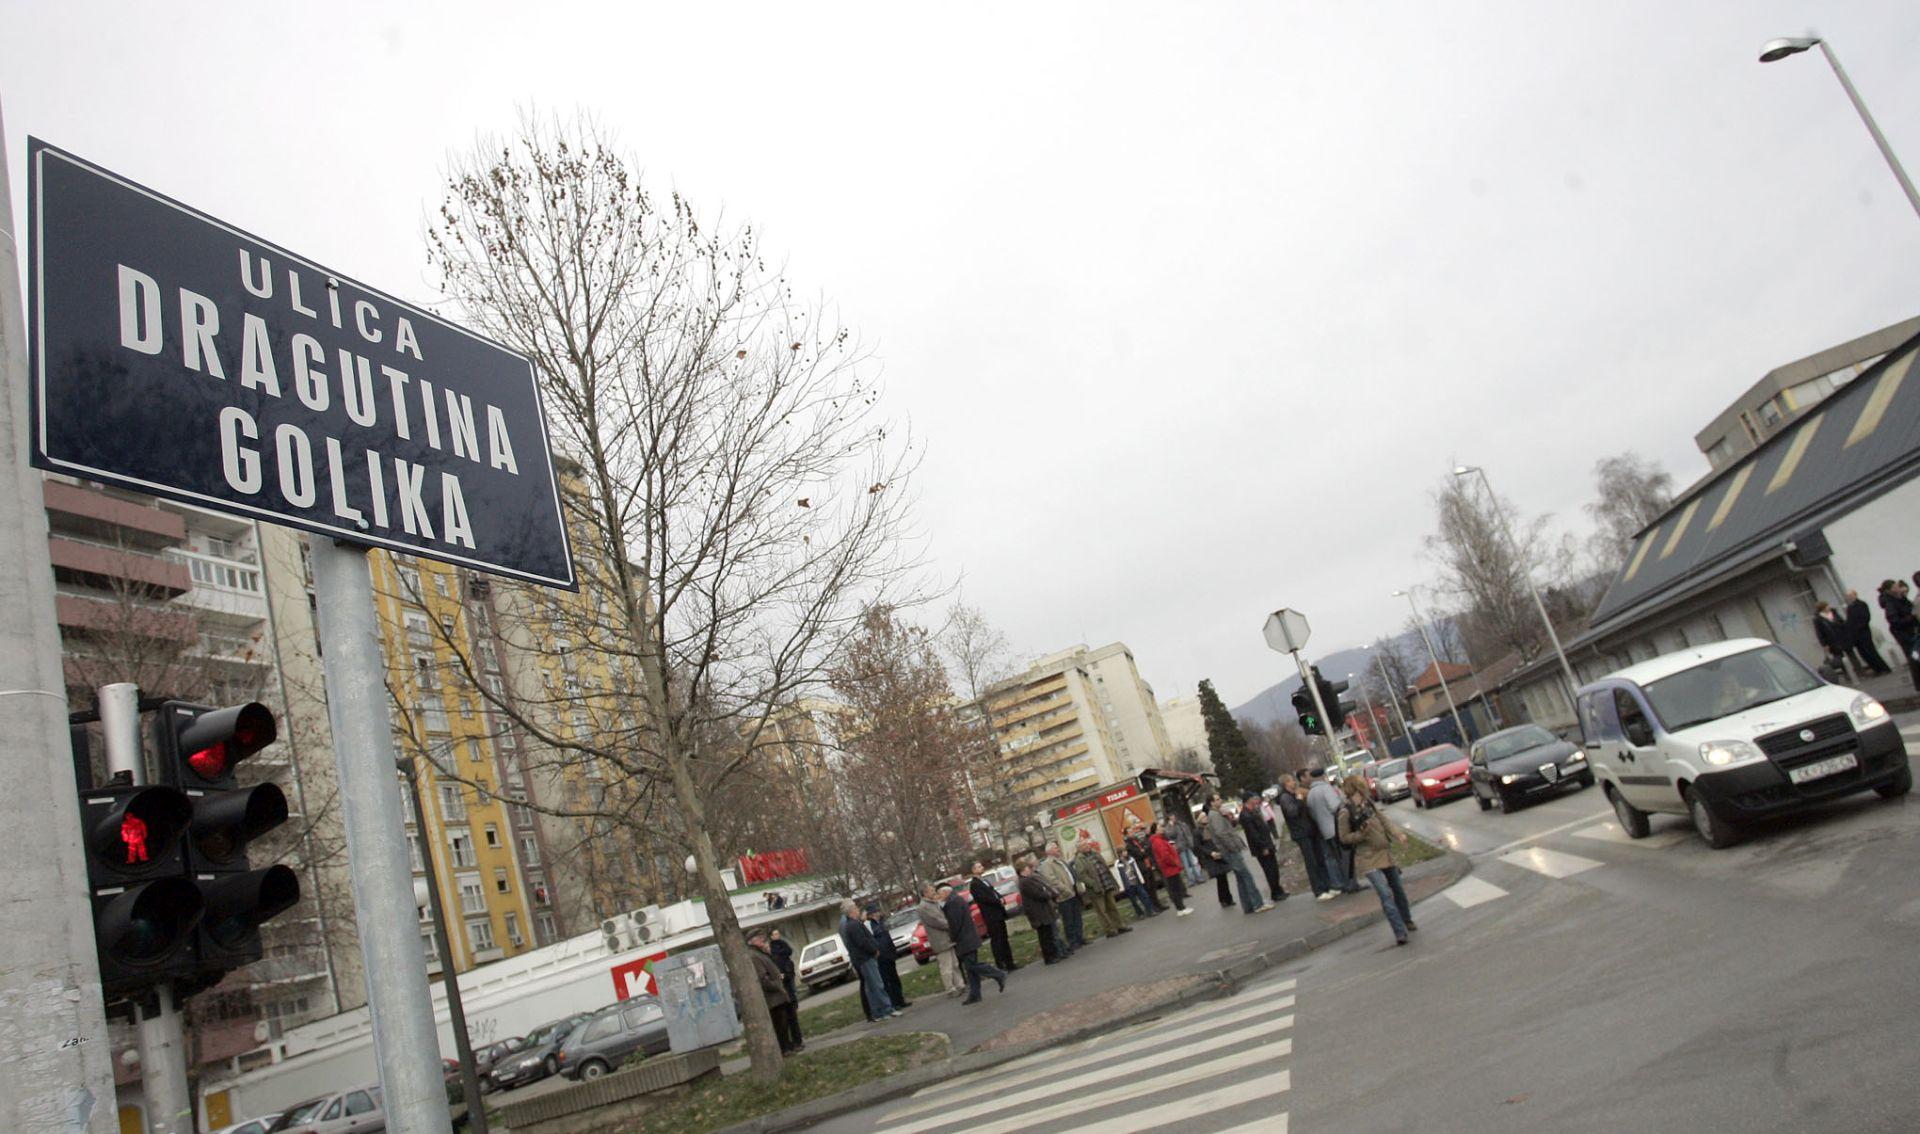 Oslobođeni optuženici za pljačku banke na Drvinju 2005. u kojoj je stradao Dragutin Golik